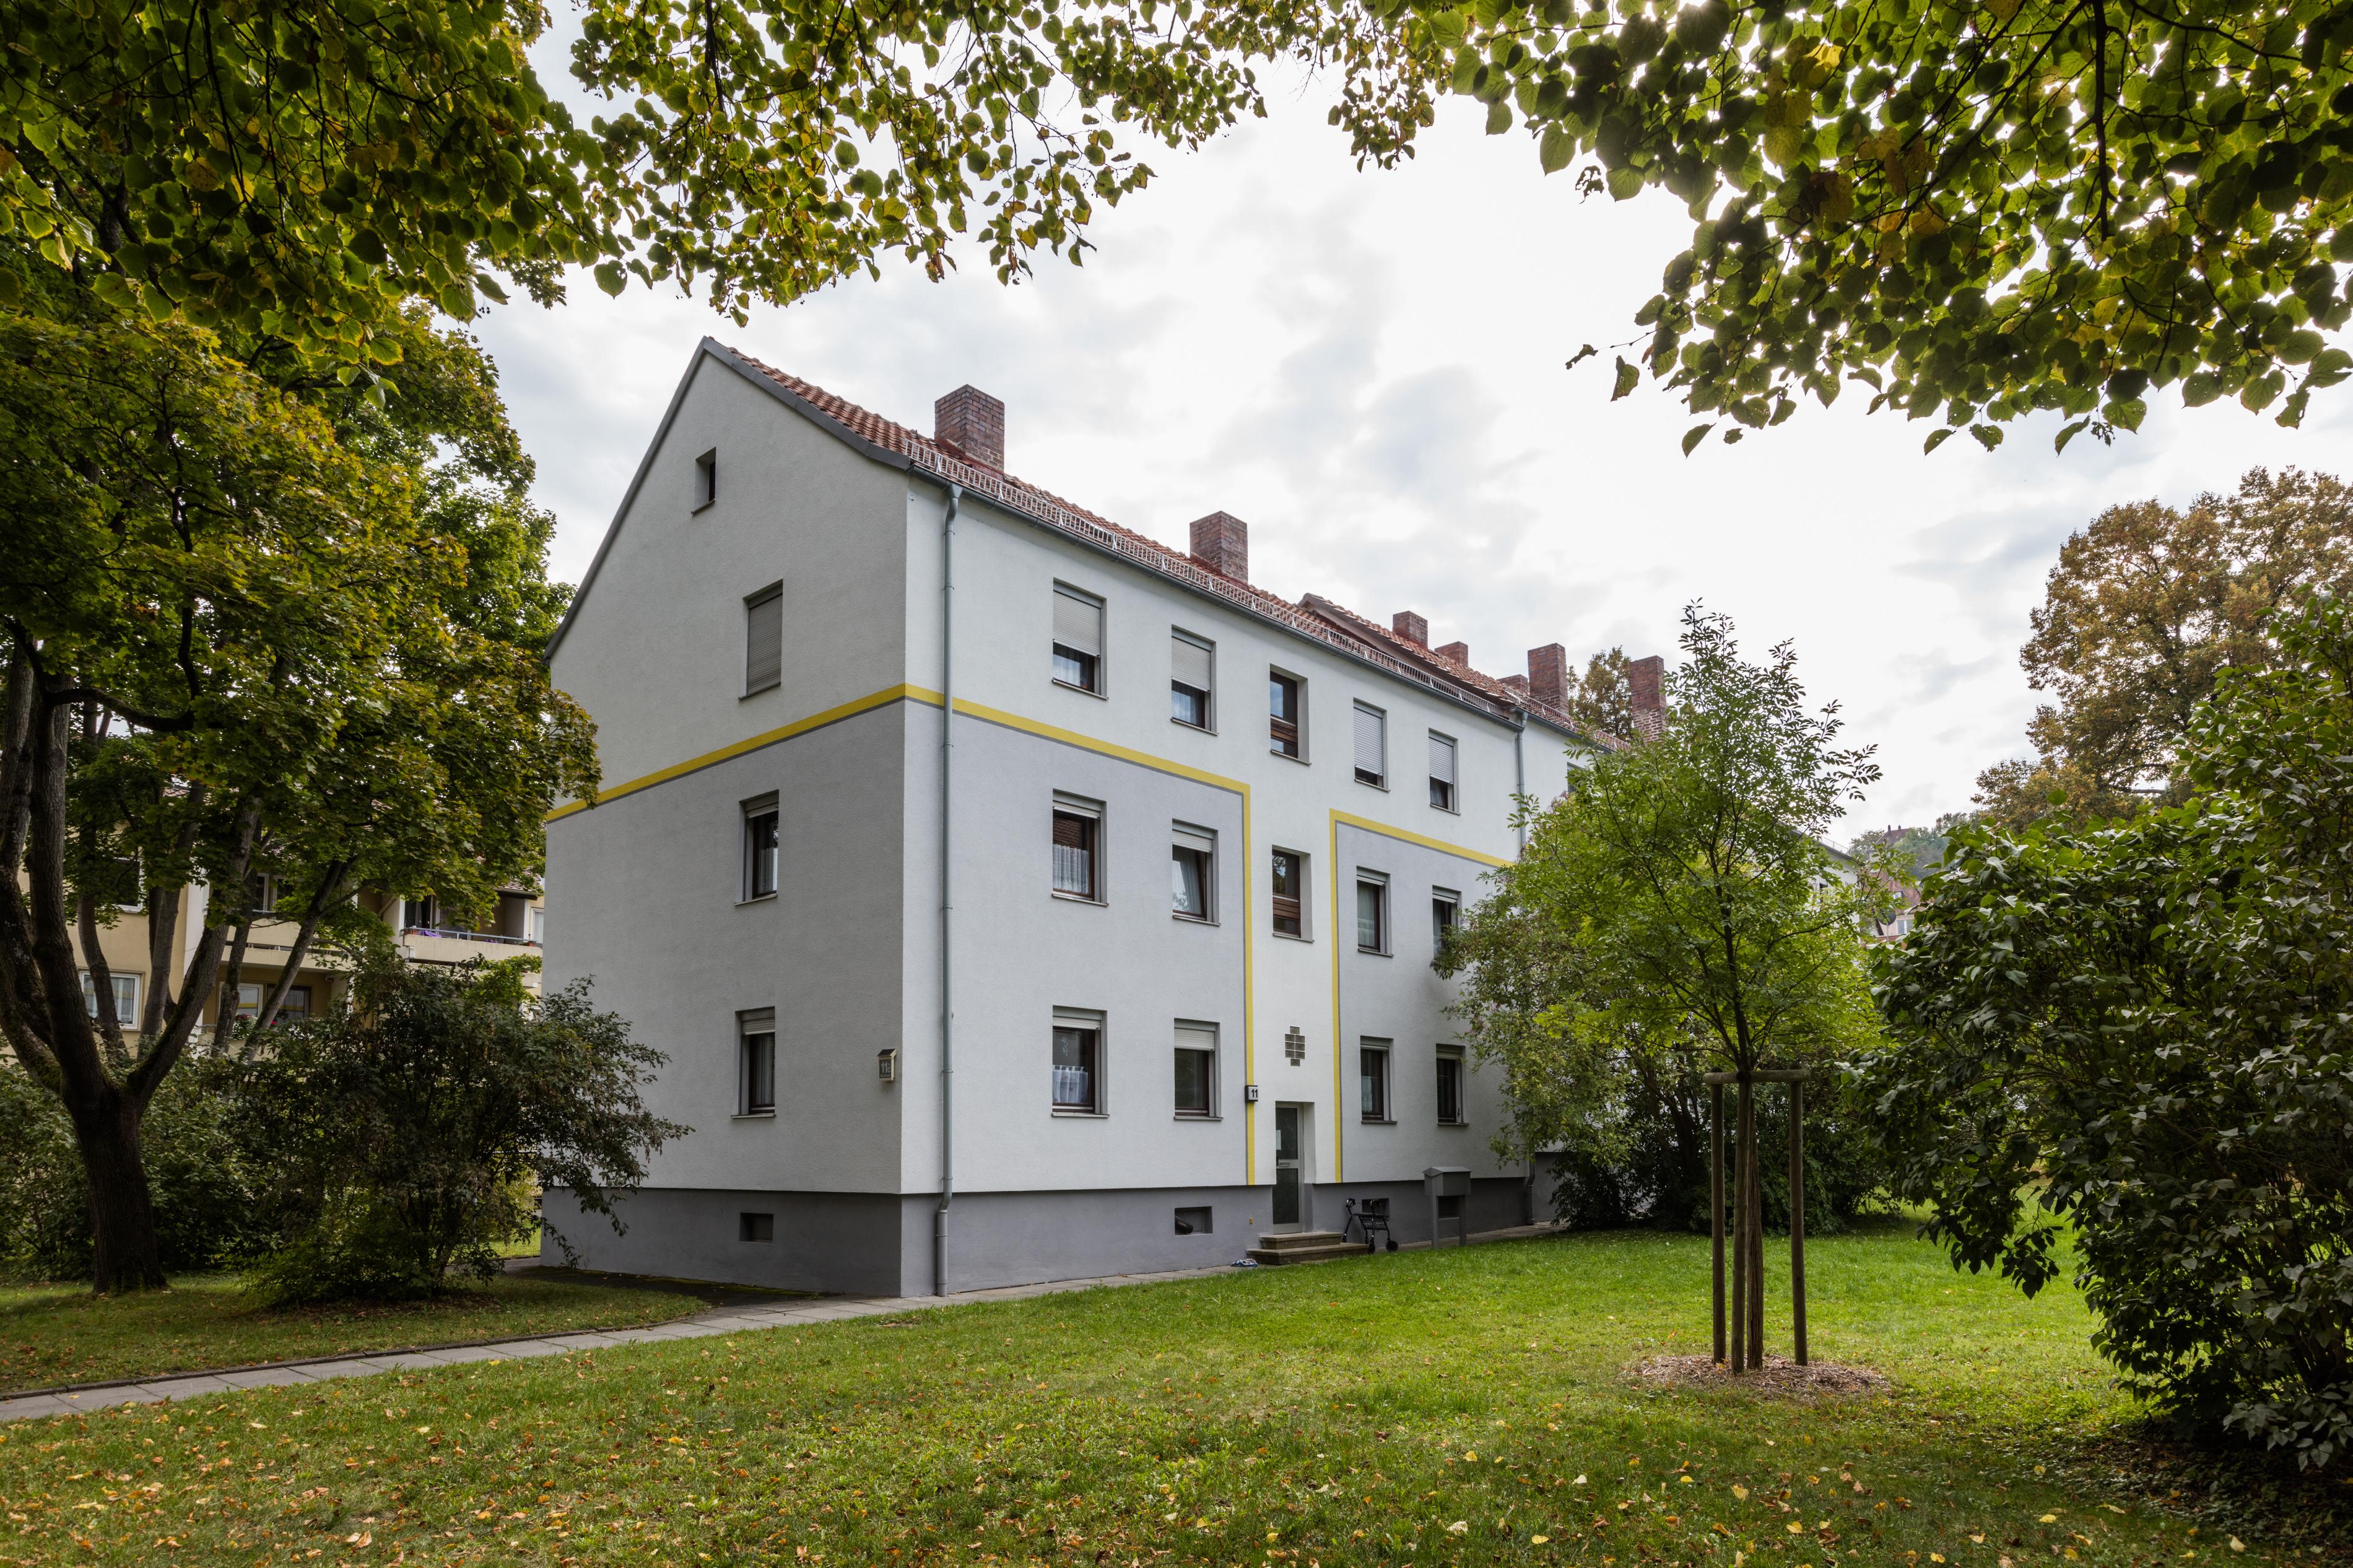 bew_würzburg-14